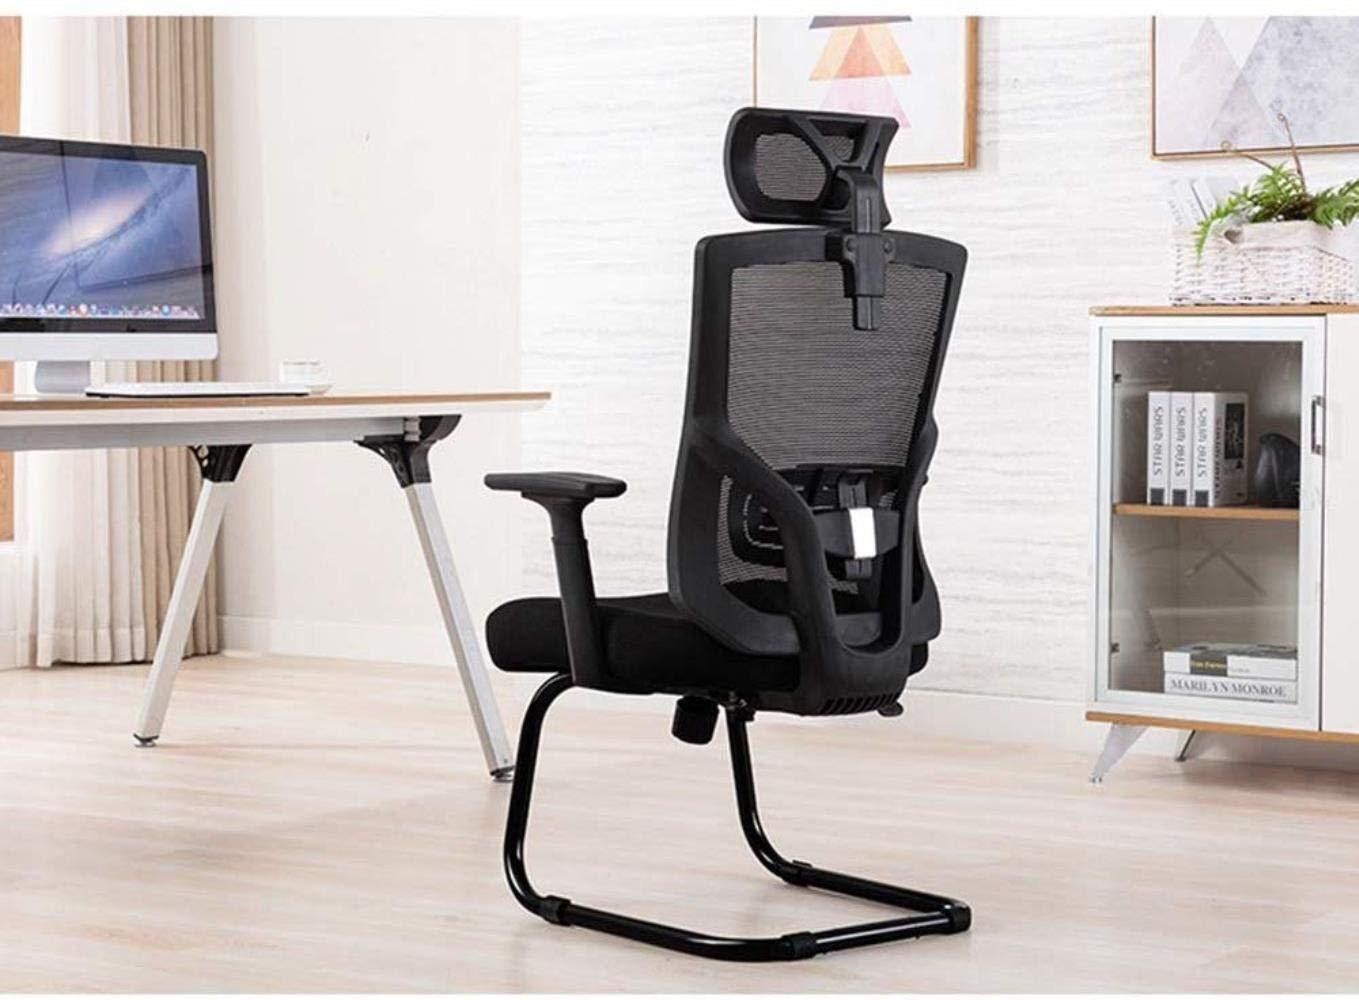 Xiuyun hem kontor skrivbordsstol justerbart nackstöd och ländrygg stöd hem spelstol böjd ledstång chef stol rosett fot design bärkapacitet 150 kg (färg: vit) Svart